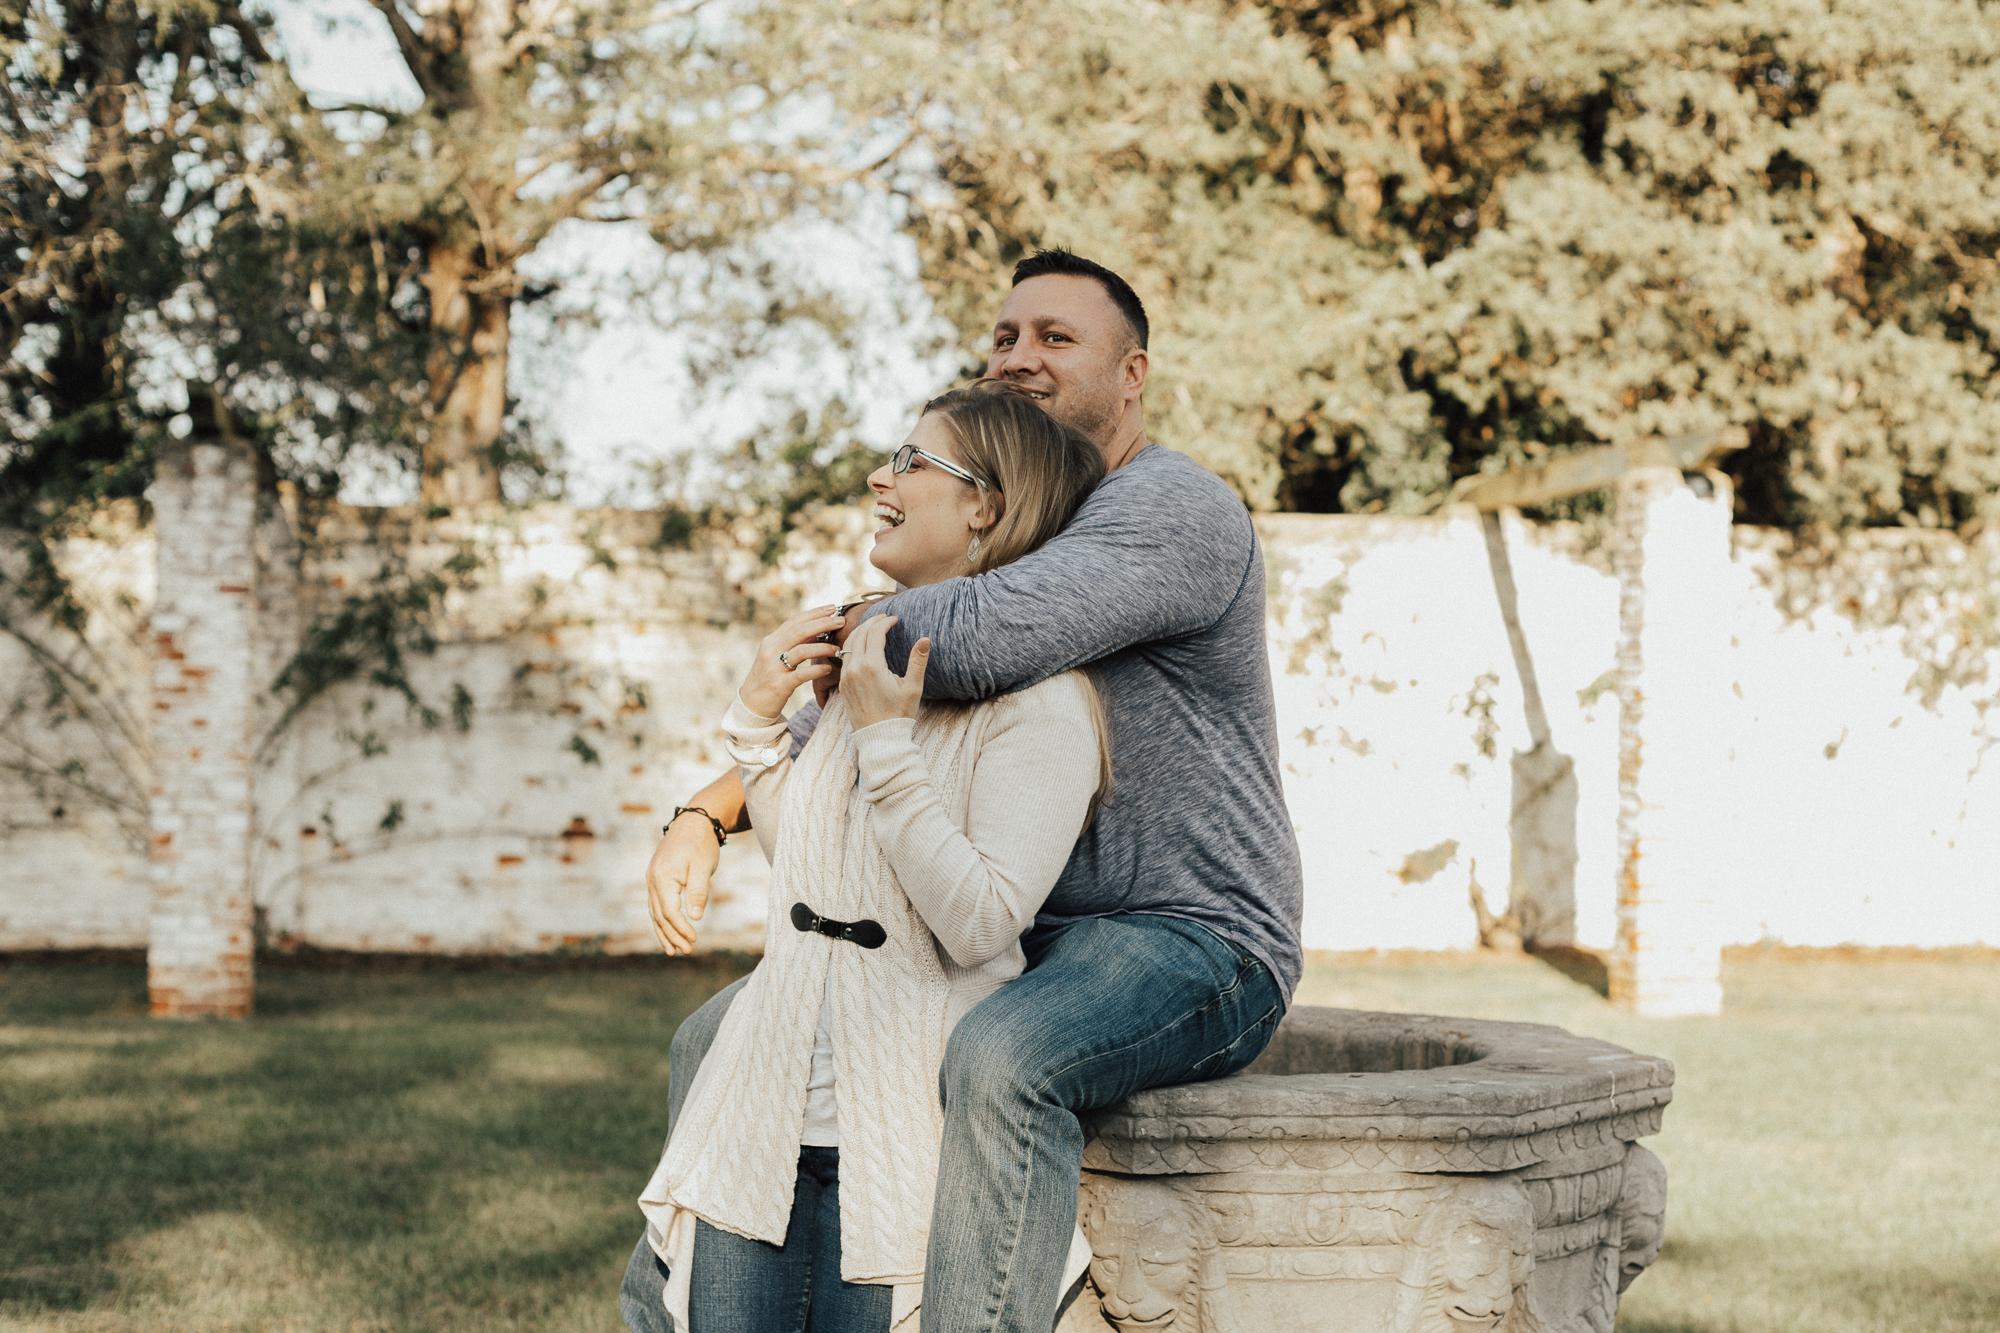 Loren & Sara | Engaged-09.jpg